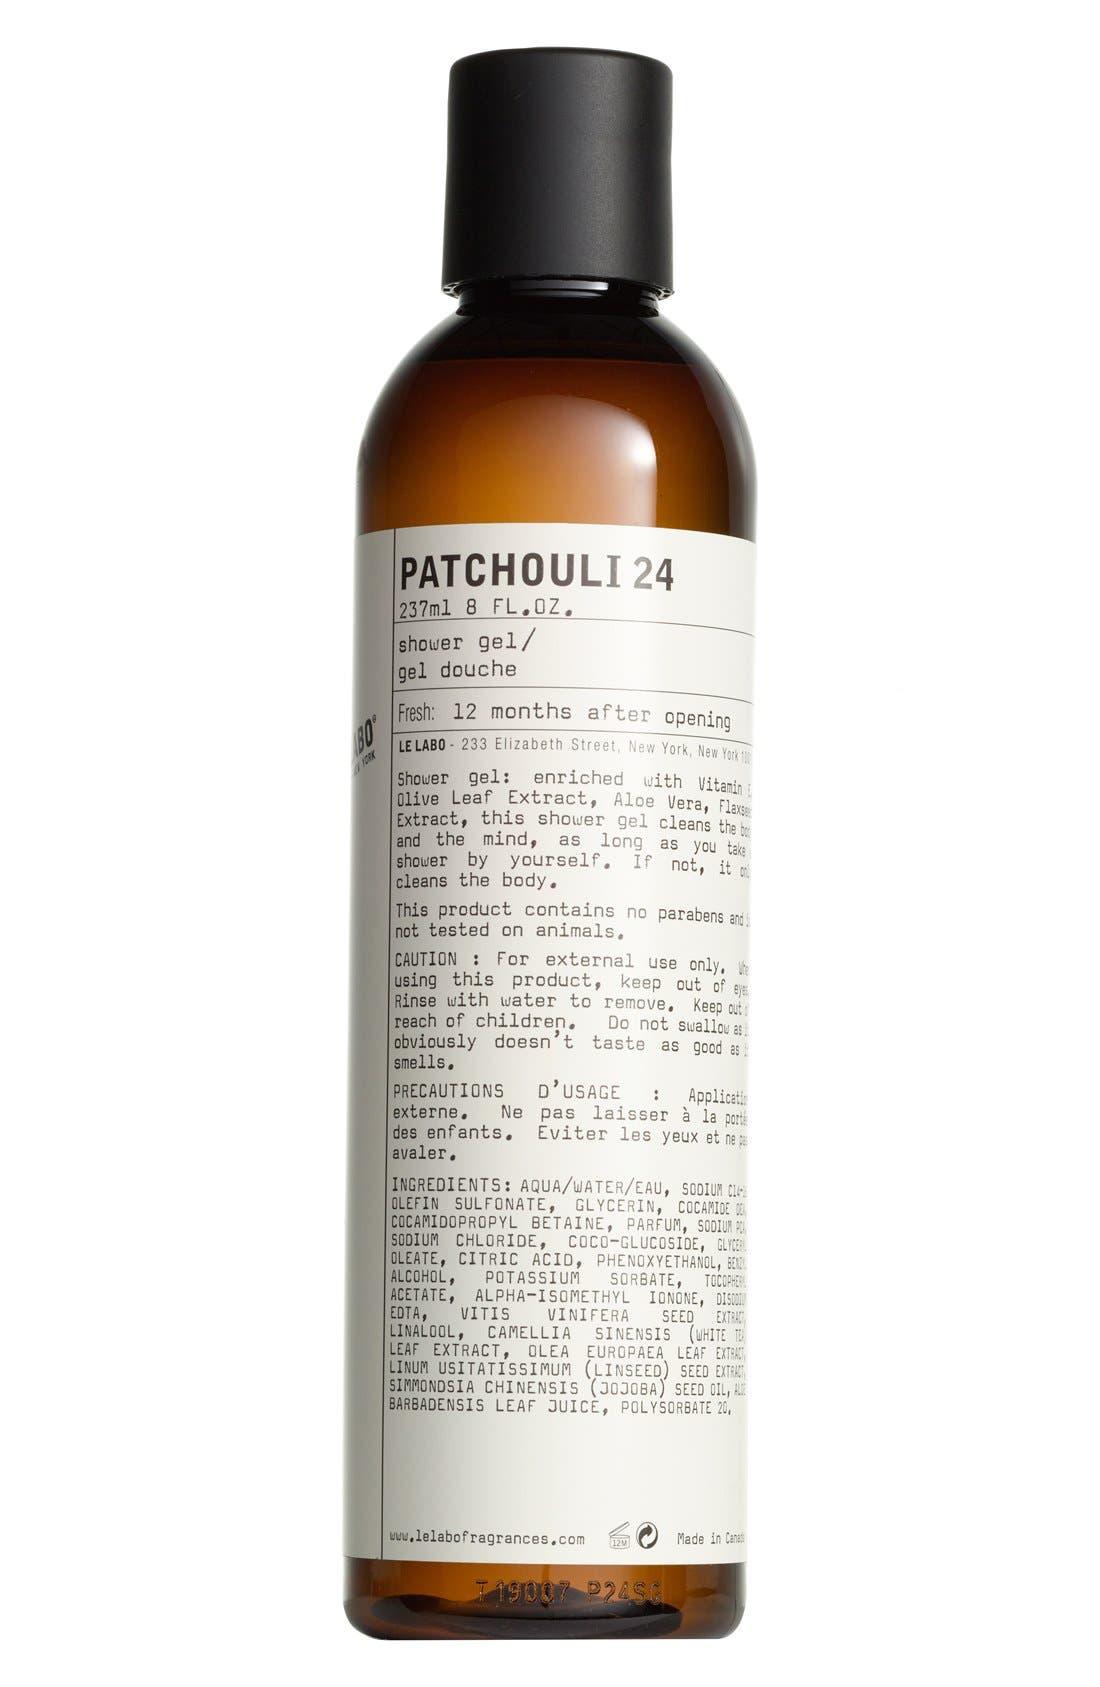 Patchouli 24 Shower Gel